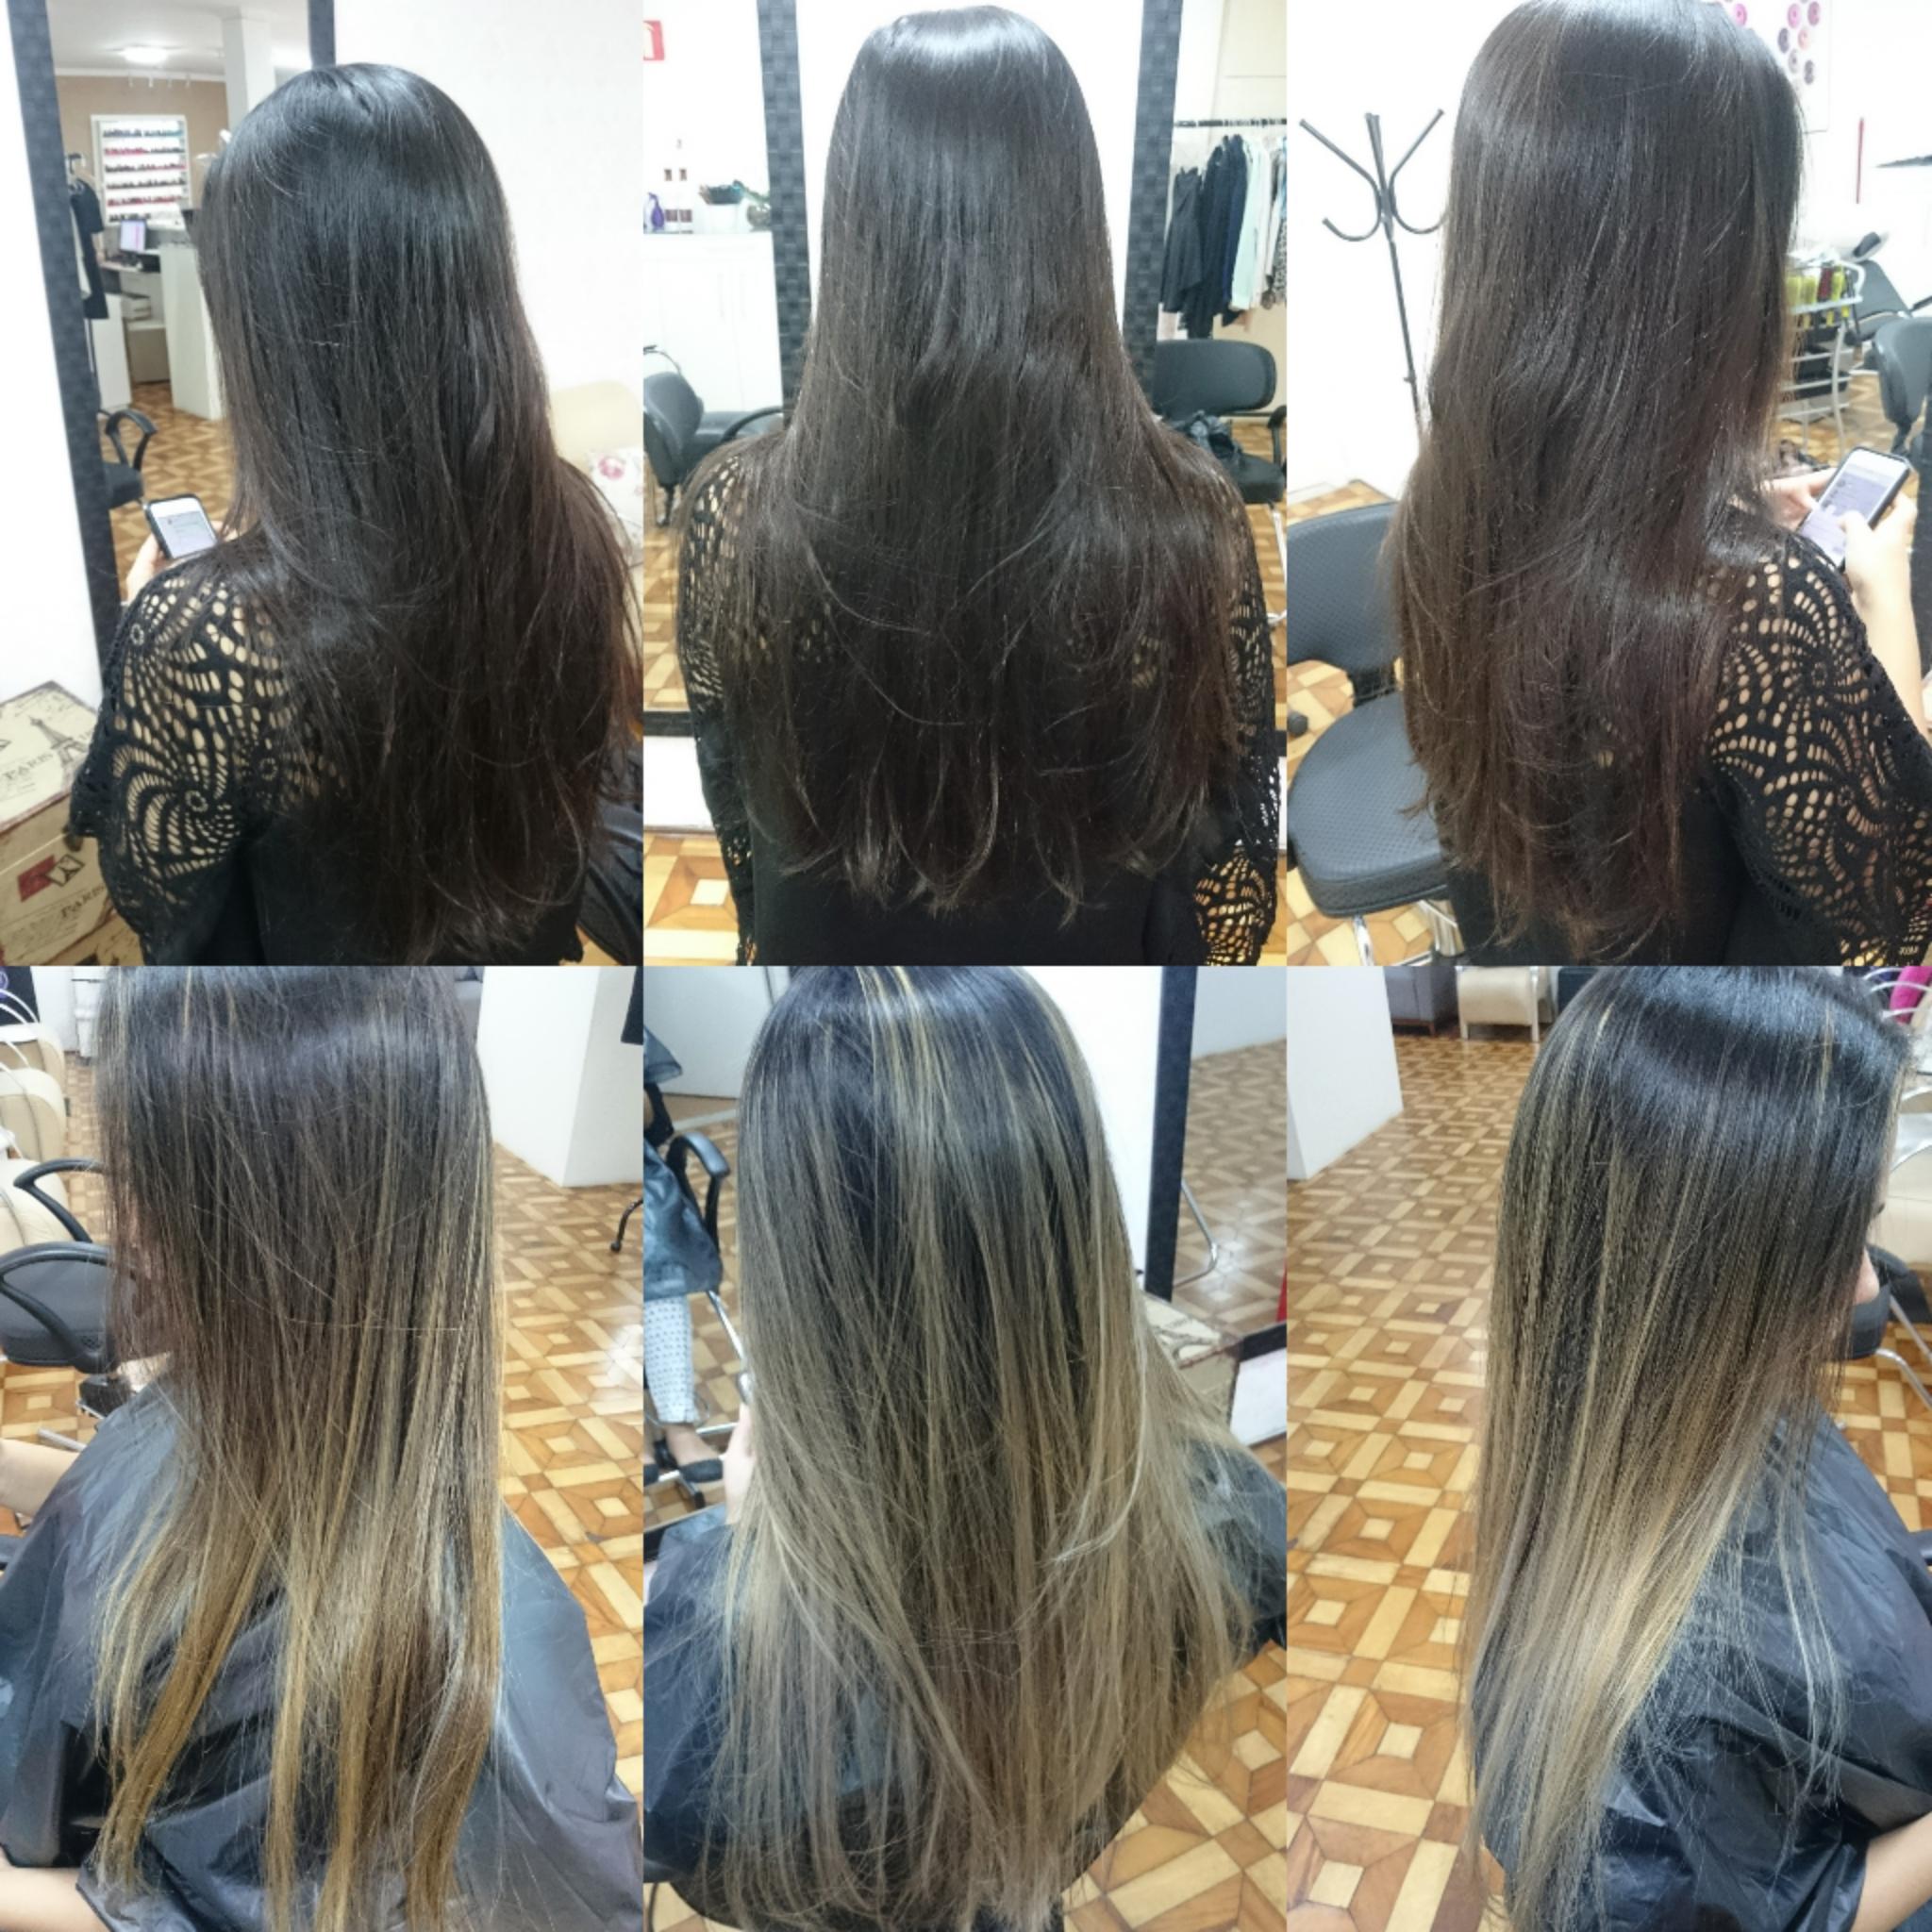 #morenailuminada #luzes #ombrehair #ombrehighlights #canelatostada #blonde #hair #loirodossonhos #job #transformation #transformacao #cabelos #cabelosloiros  #loirossaudaveis #loirosdivos #loirosdourados #loirosamanteigados #loirosperolados #loirosplatinados cabelo cabeleireiro(a) maquiador(a) designer de sobrancelhas